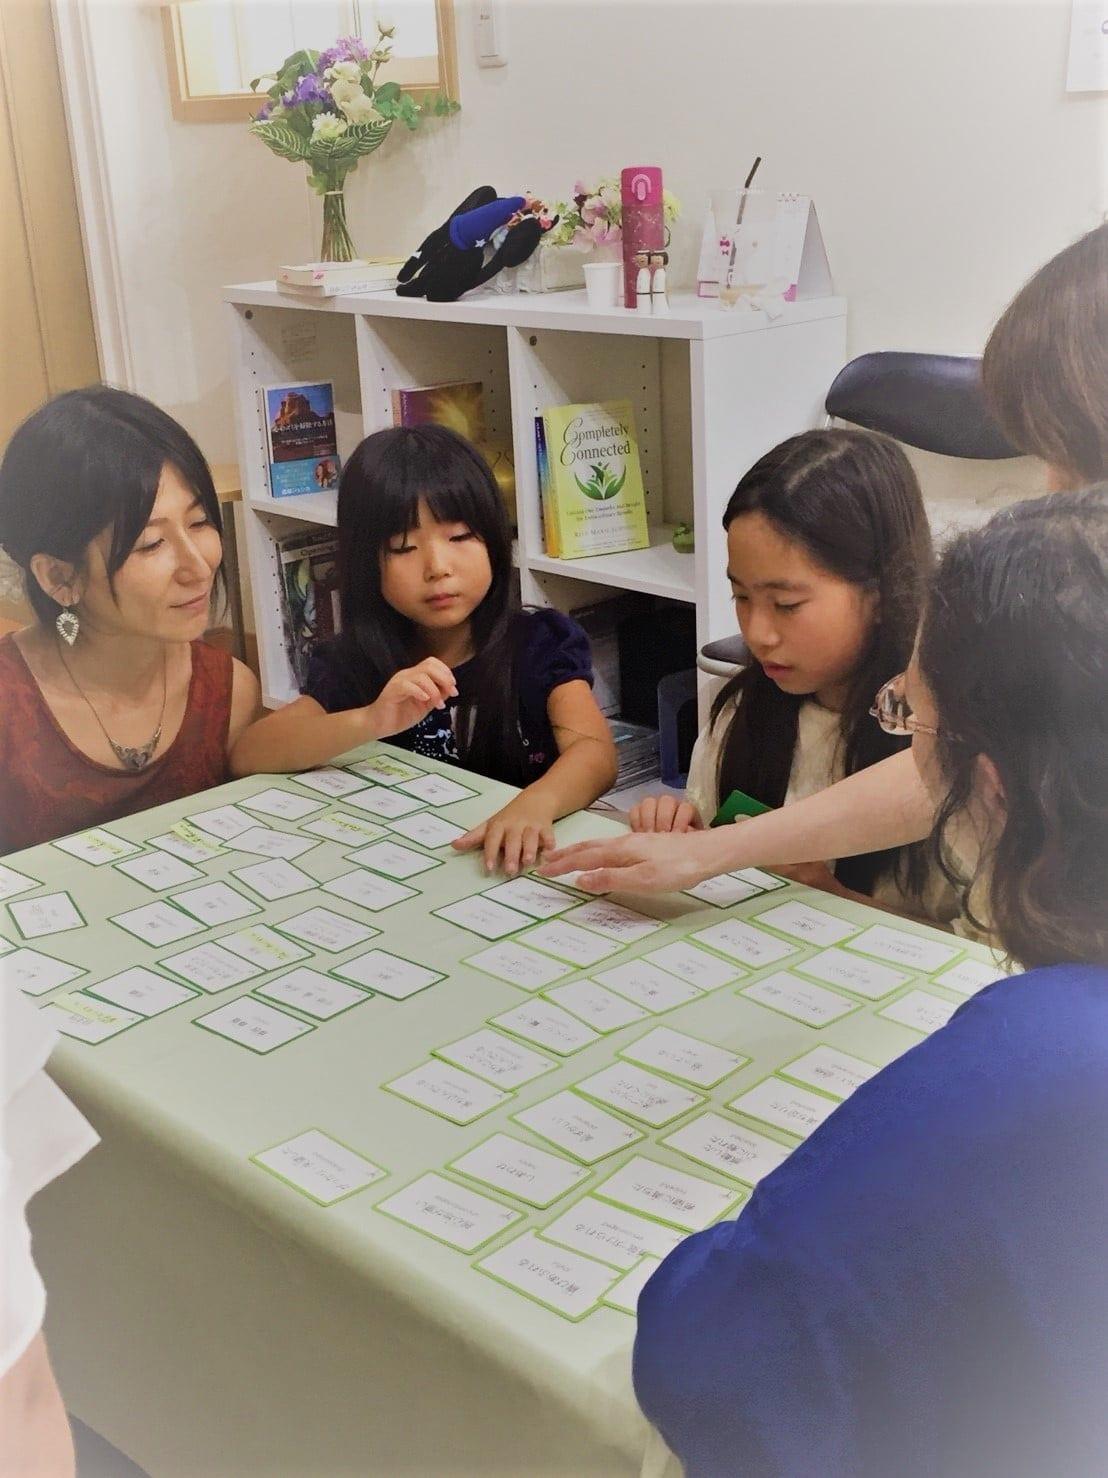 【子ども用(小中高)チケット】共感コミュニケーション体験会のイメージその2